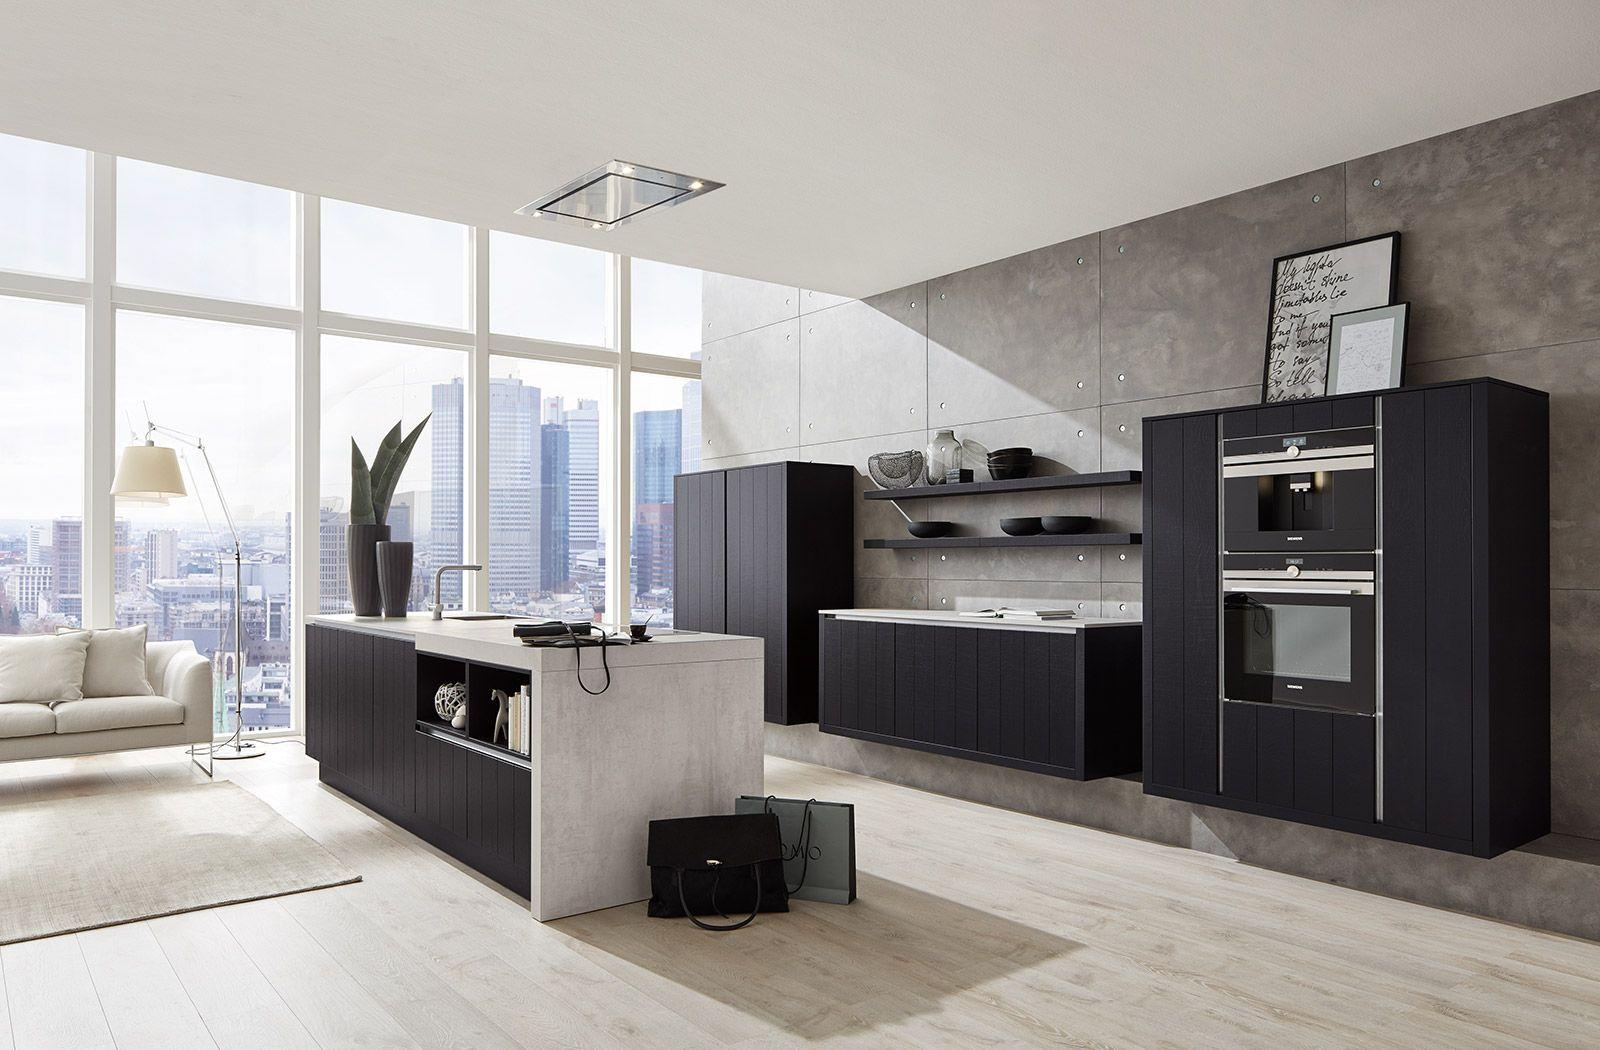 Häcker Küchen   @ HOME   Häcker küchen, Küche und Einbauküche